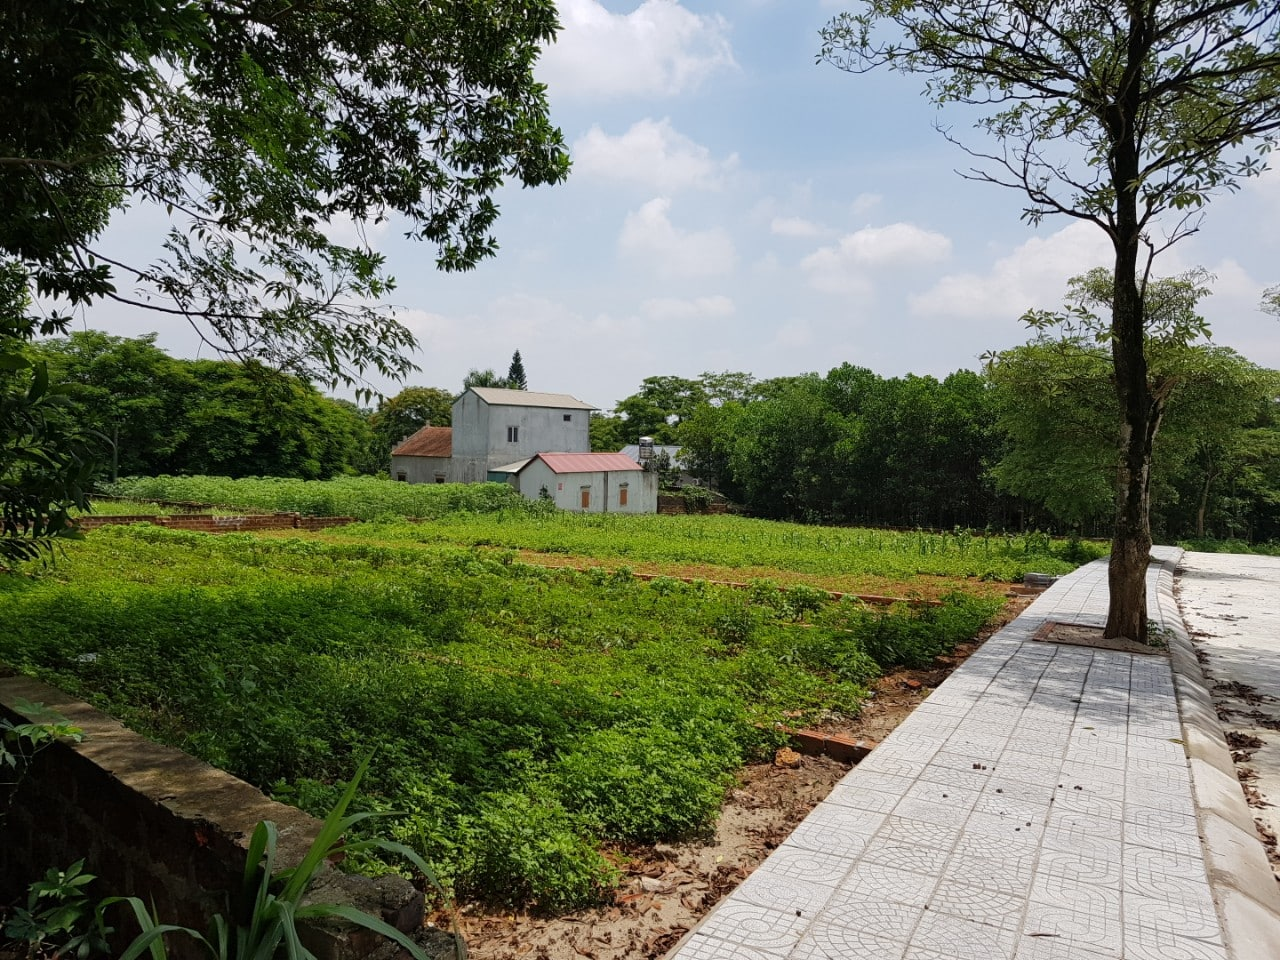 12 Lô Nhà vườn dự án Tái định cư Vai Réo Hòa Lạc diện tích 180m2 - 380m2